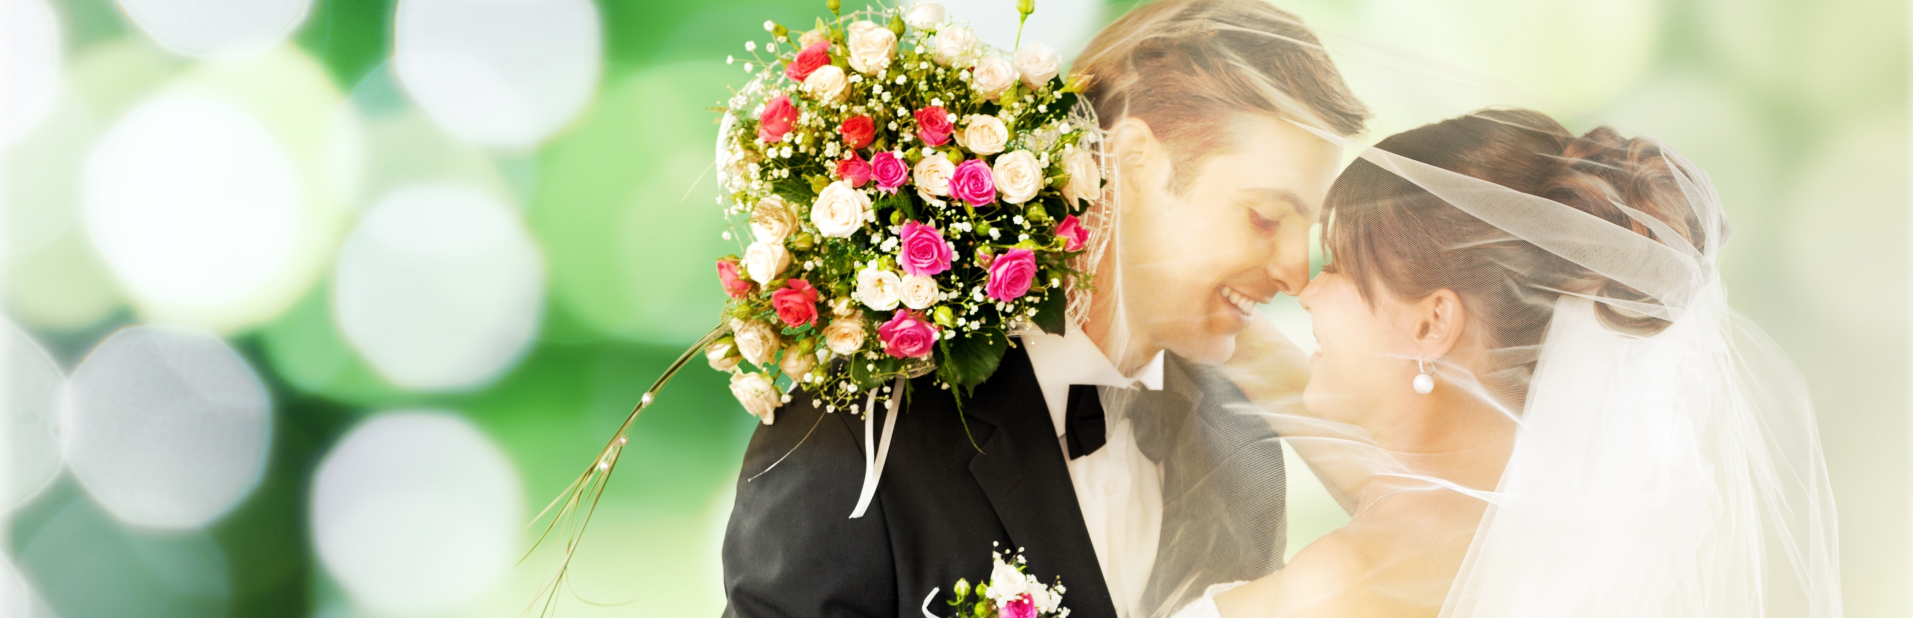 Świece Ślubne